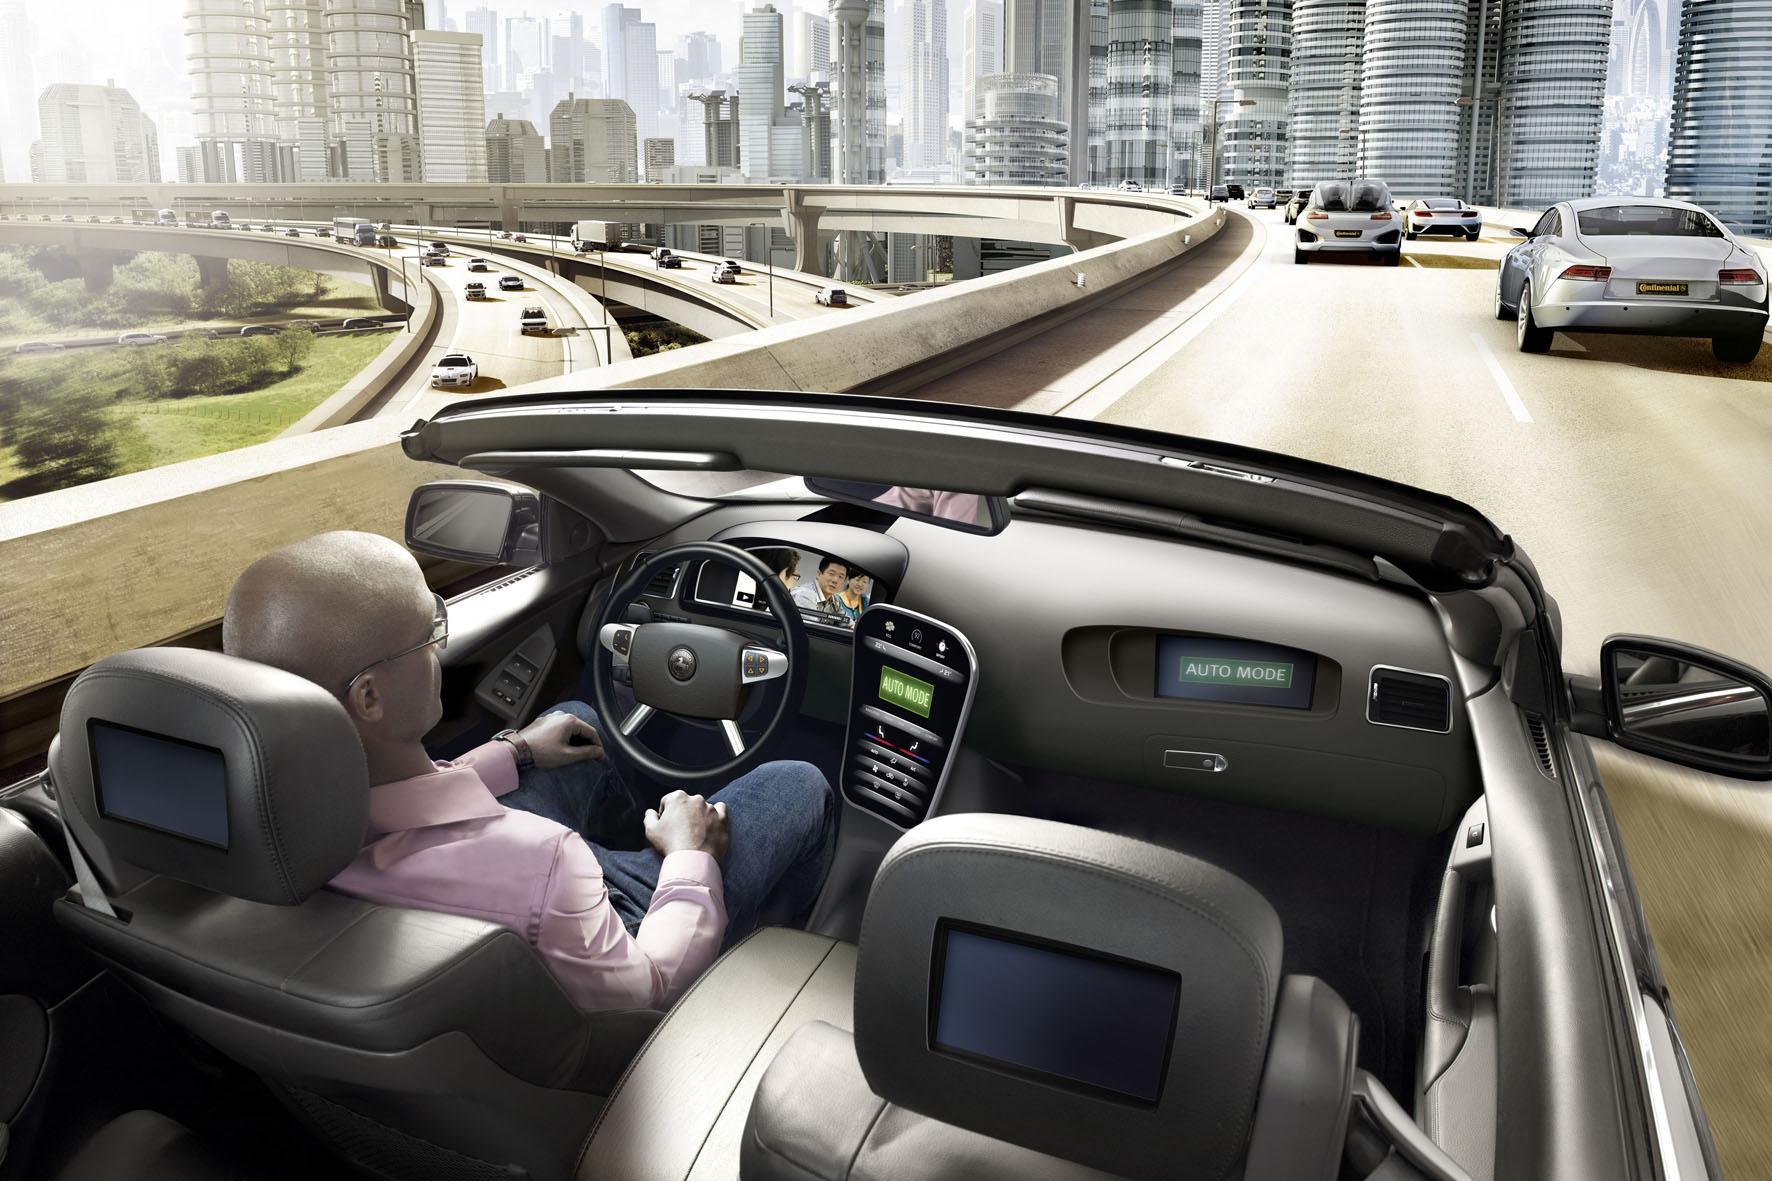 Autonomes Fahren: VW verhandelt mit Bundeswehr